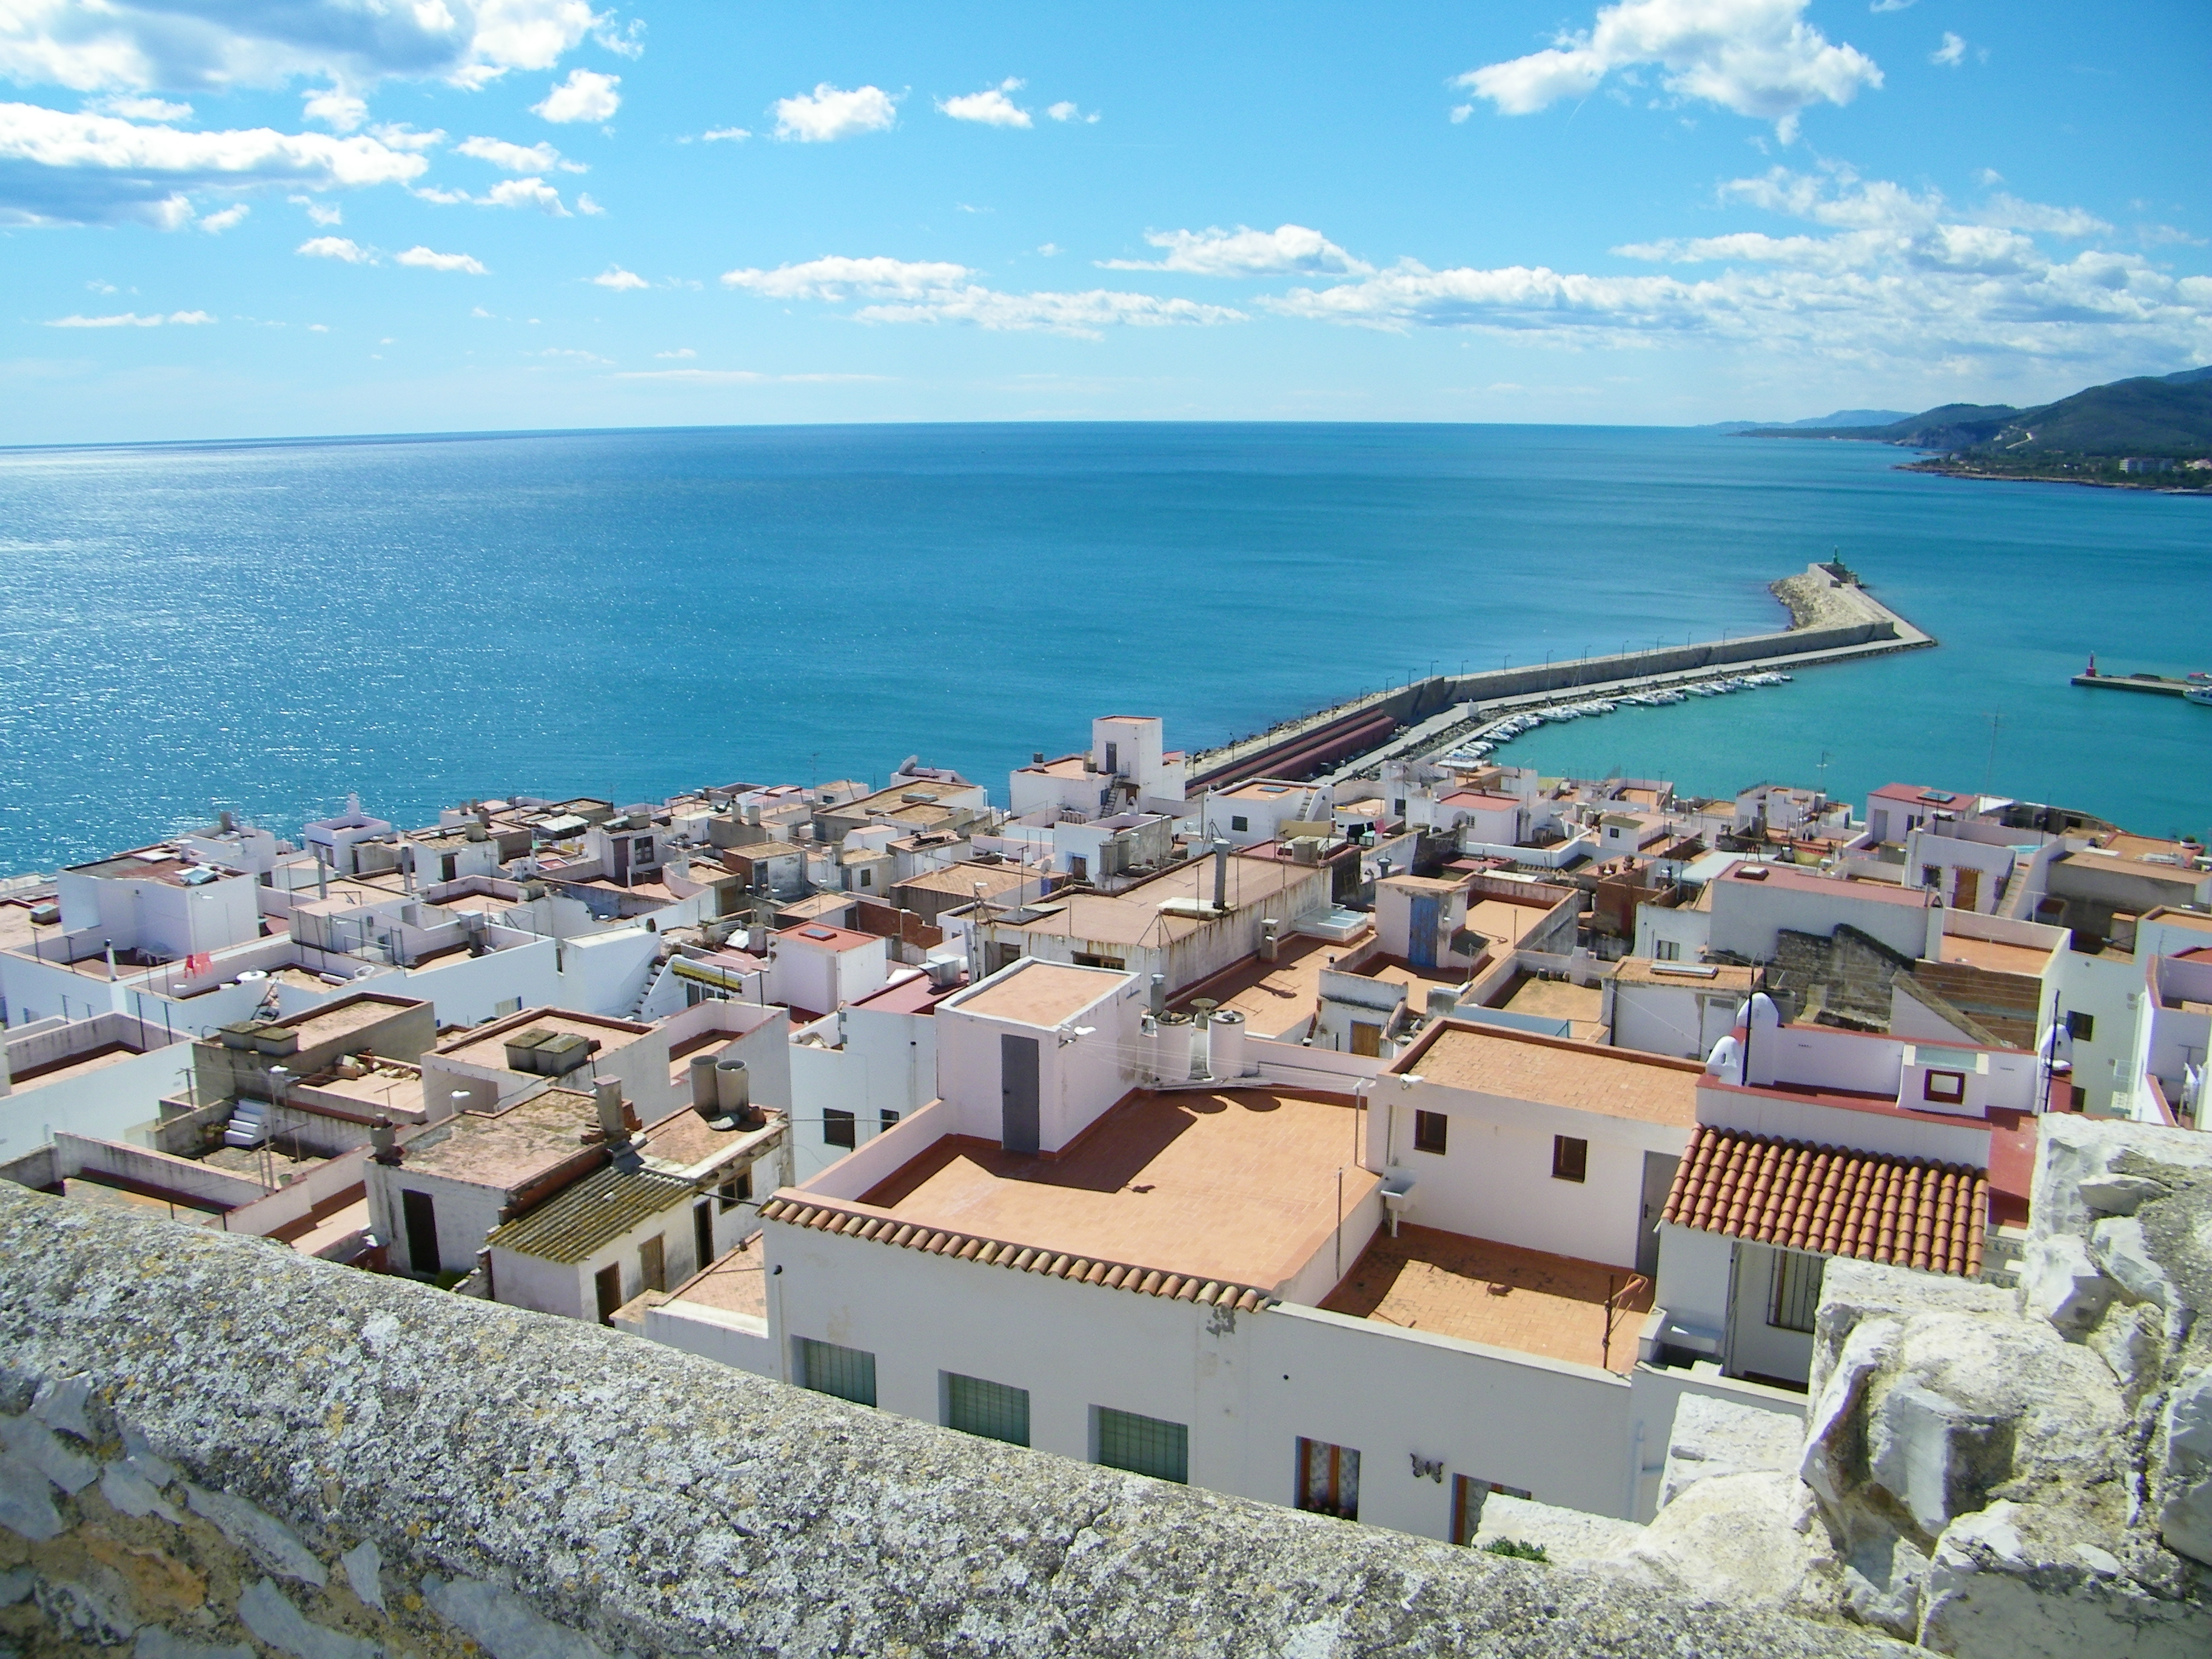 L'Associació dels Pobles més Bonics fa una crida per a convidar als viatgers a visitar les seues 94 belles localitats